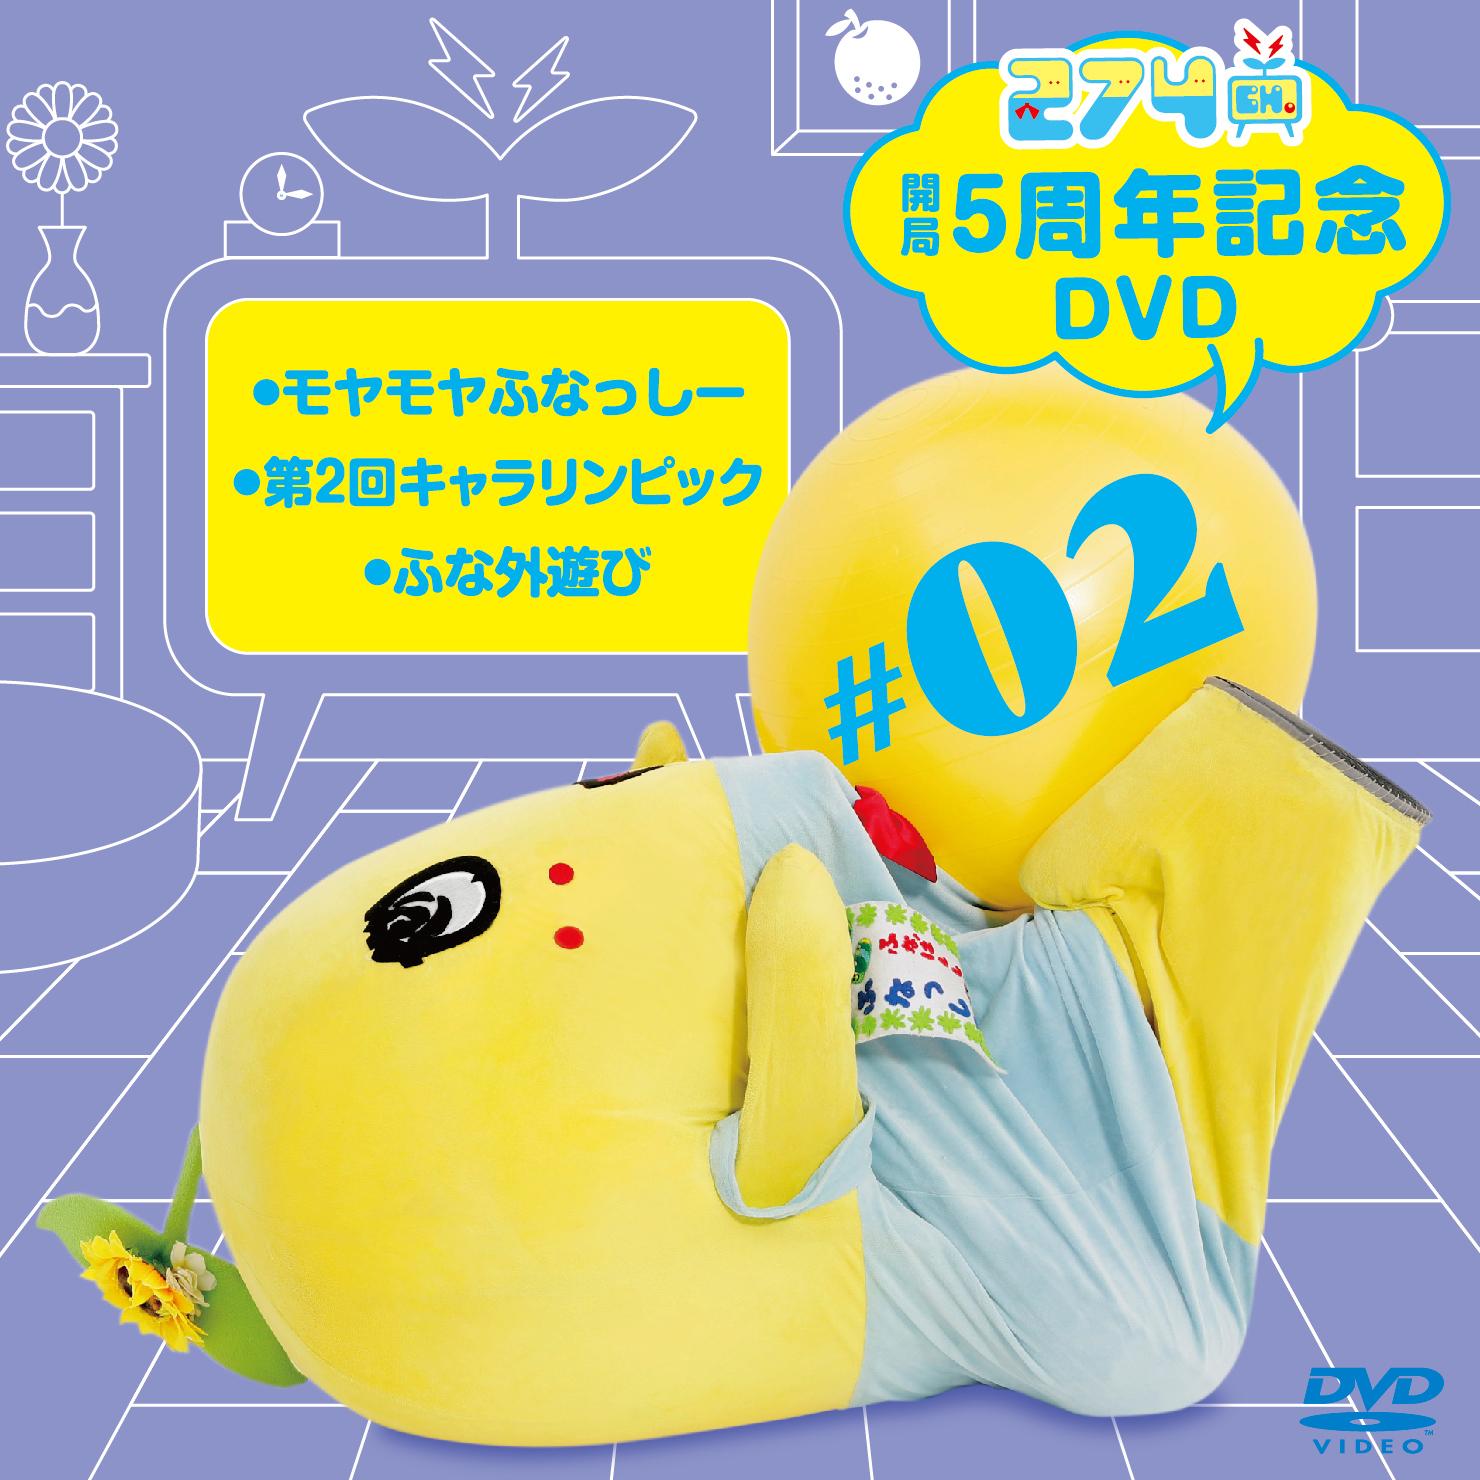 274ch.開局5周年記念DVD 総集編Vol.2